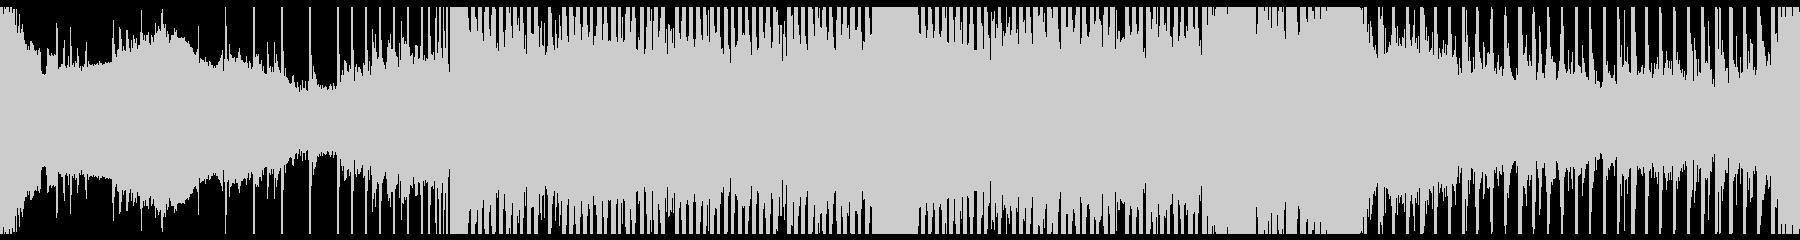 シンセメロによるループ音楽の未再生の波形